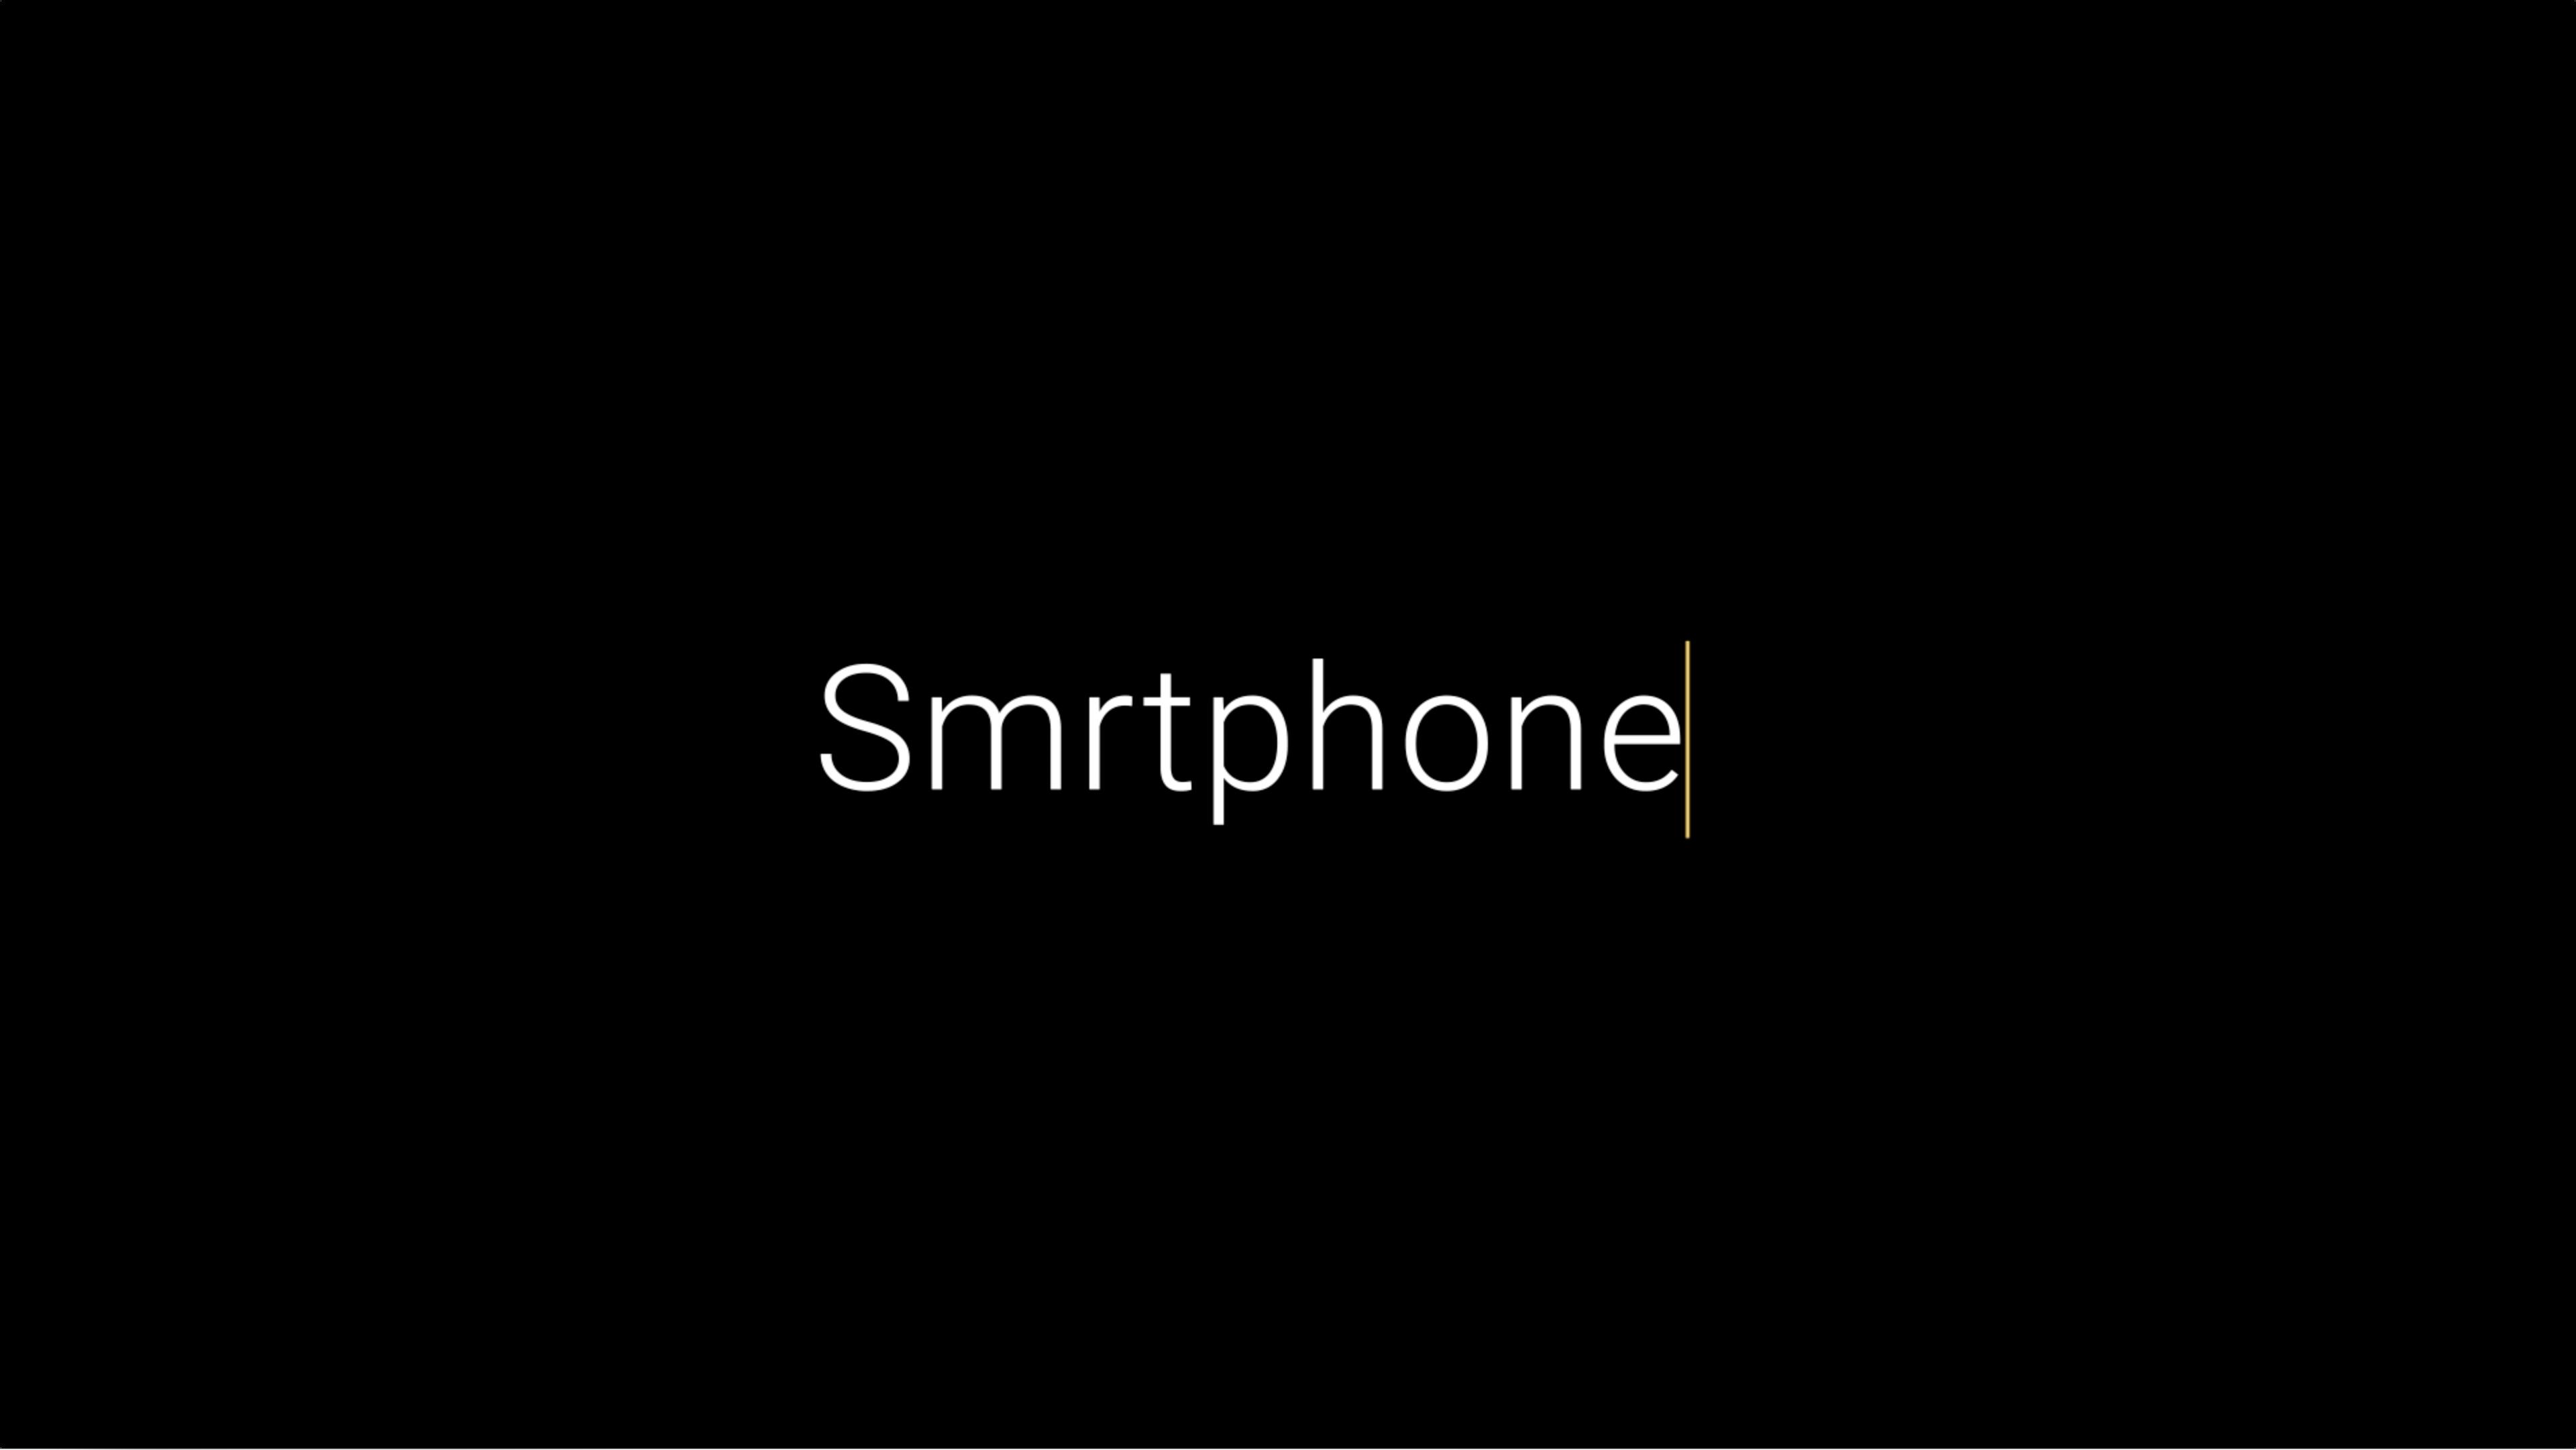 SMRTPHONE